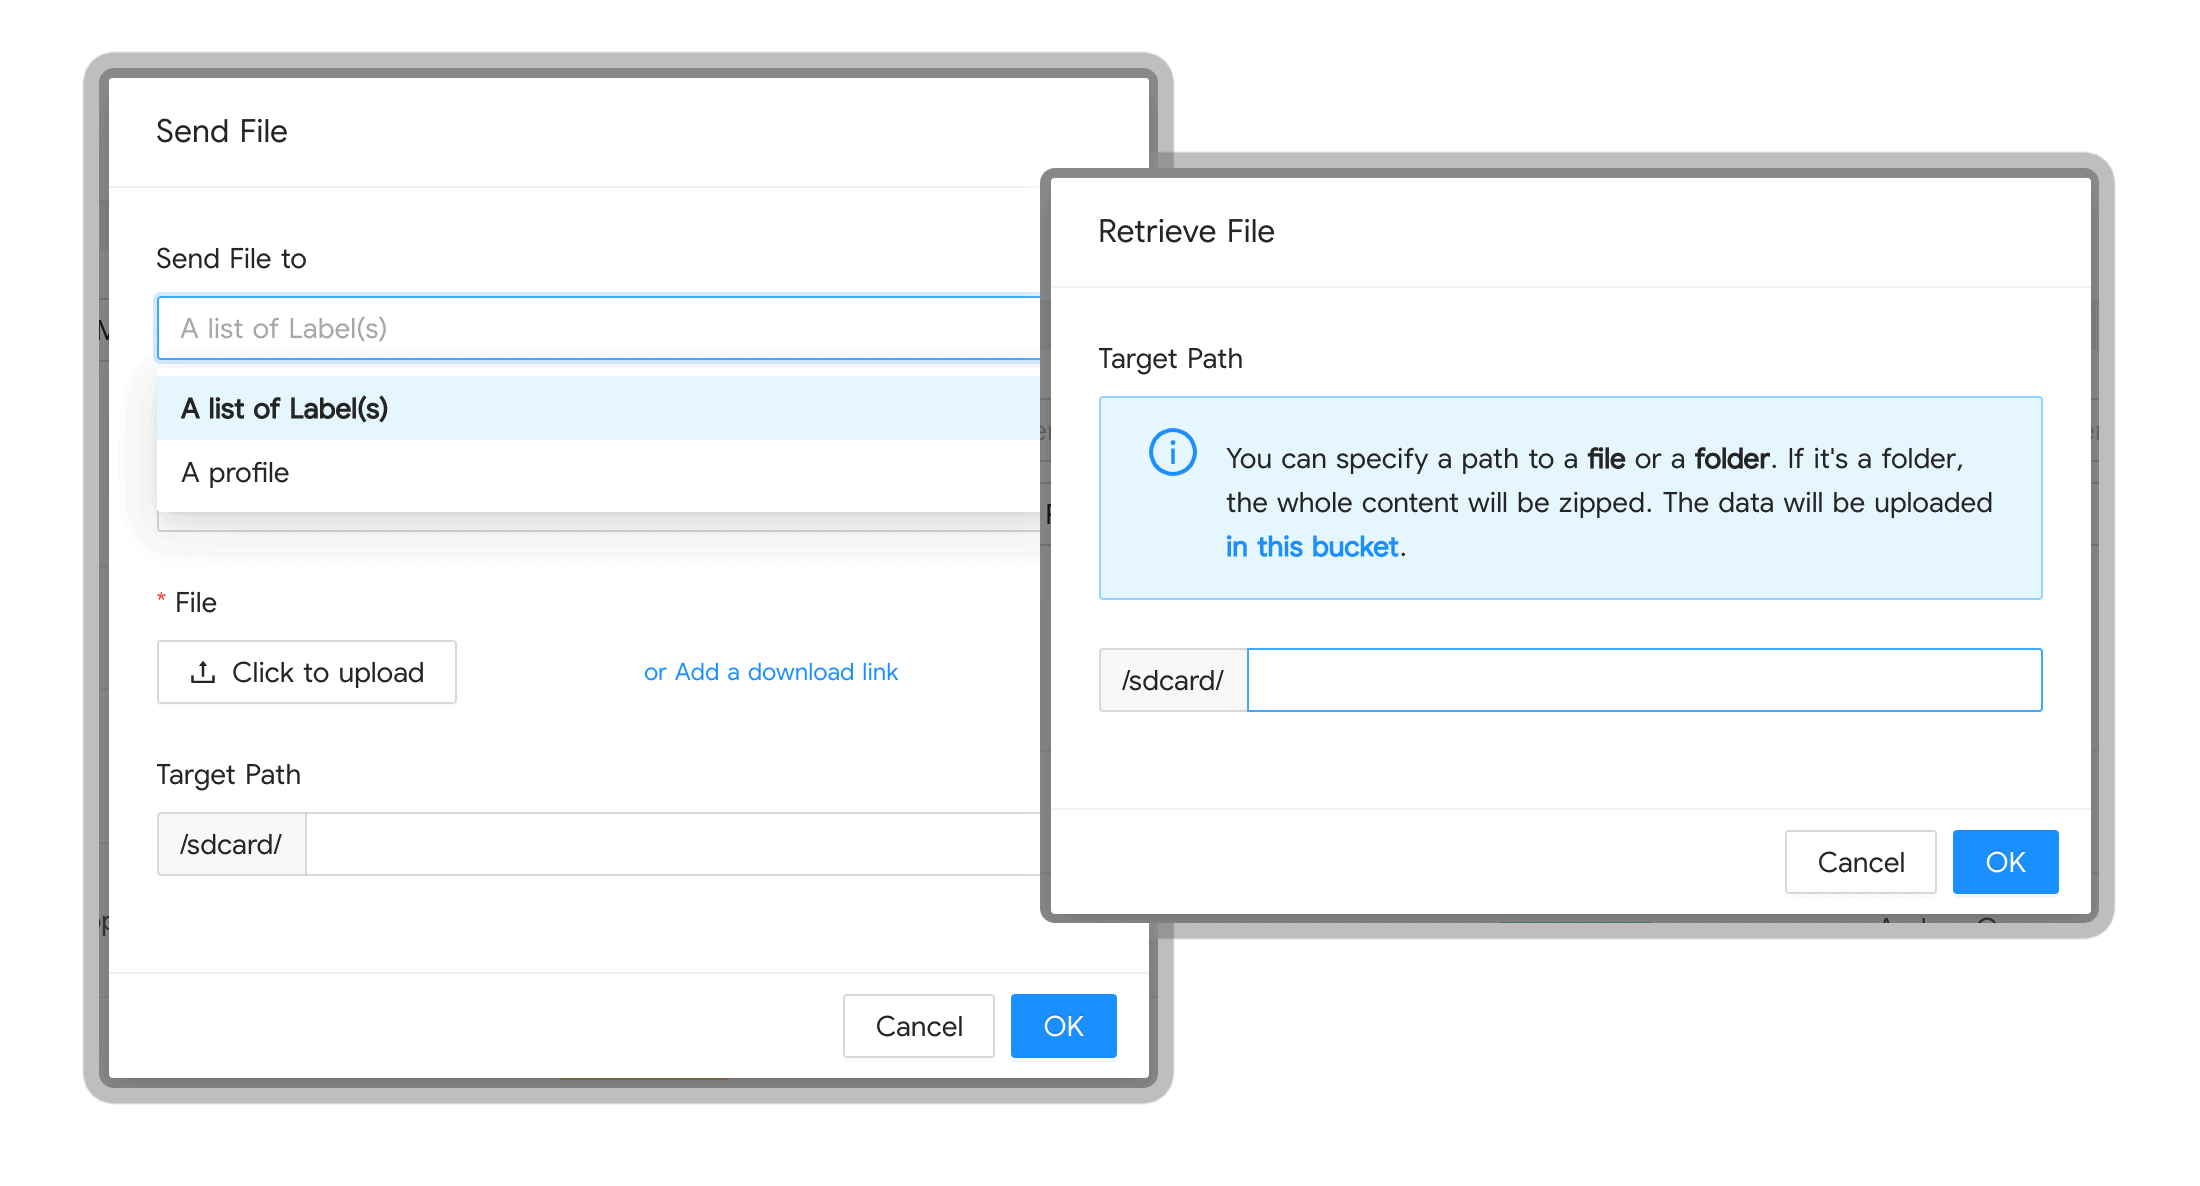 Gestion de contenu : poussez vos fichiers sur vos appareils Android